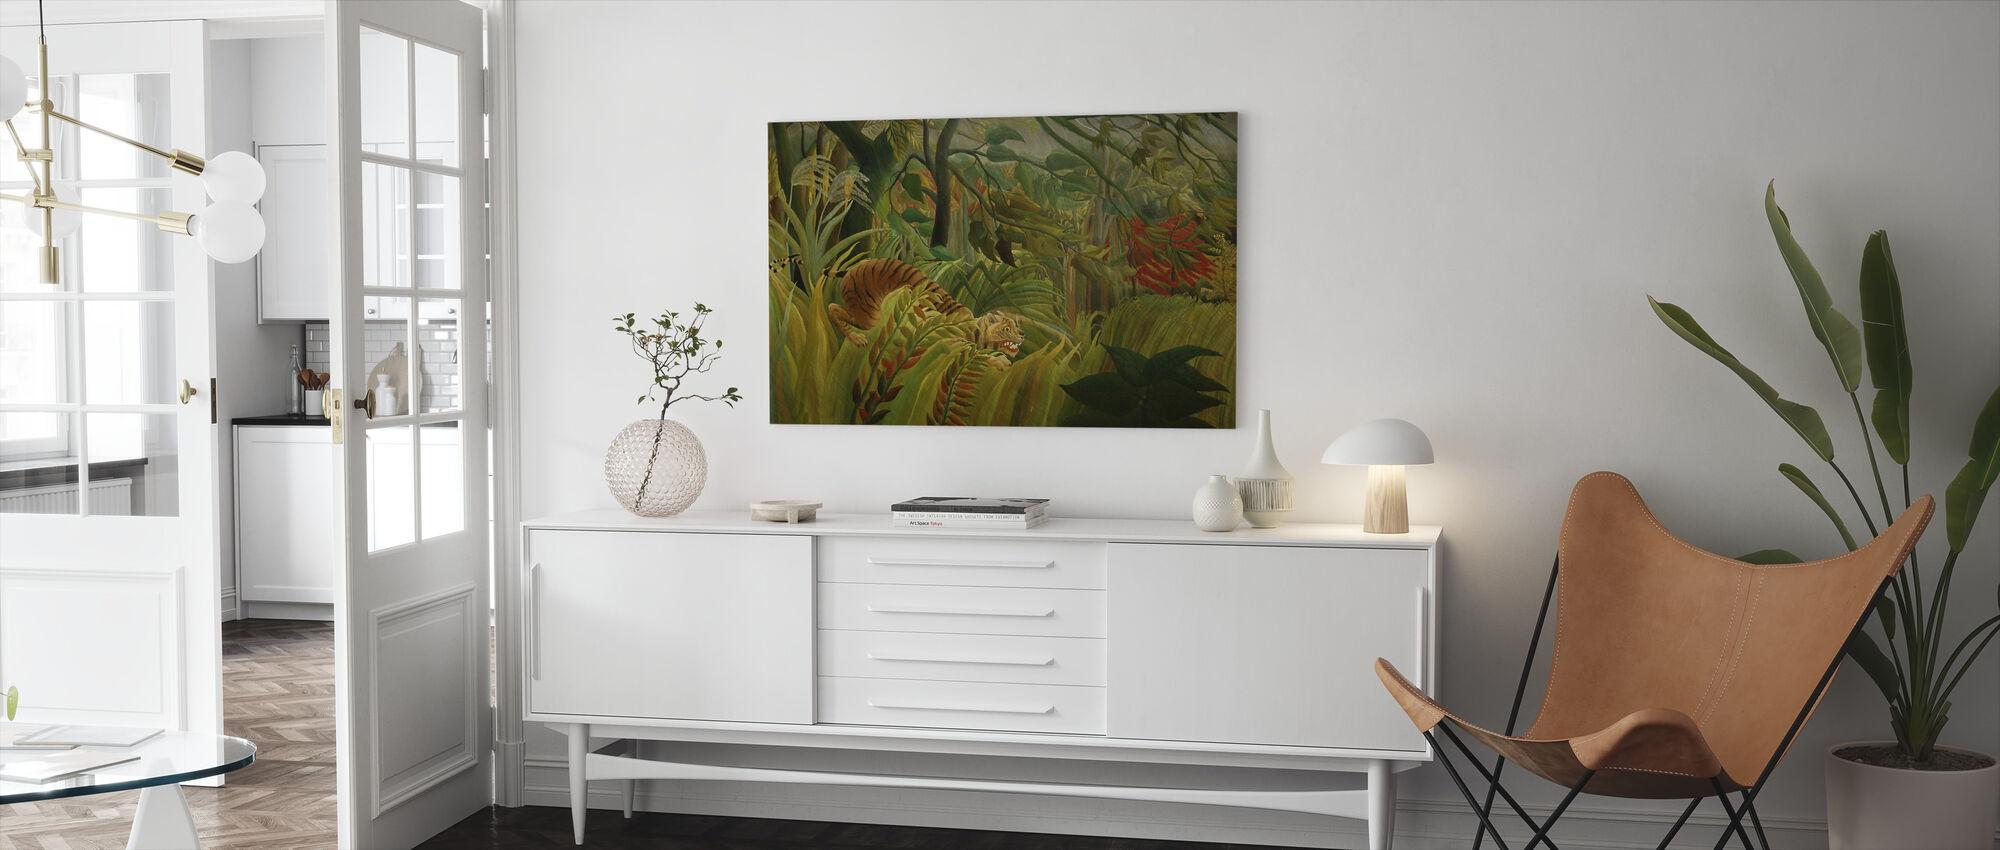 Tijger in een tropische storm, Henri Rousseau - Canvas print - Woonkamer